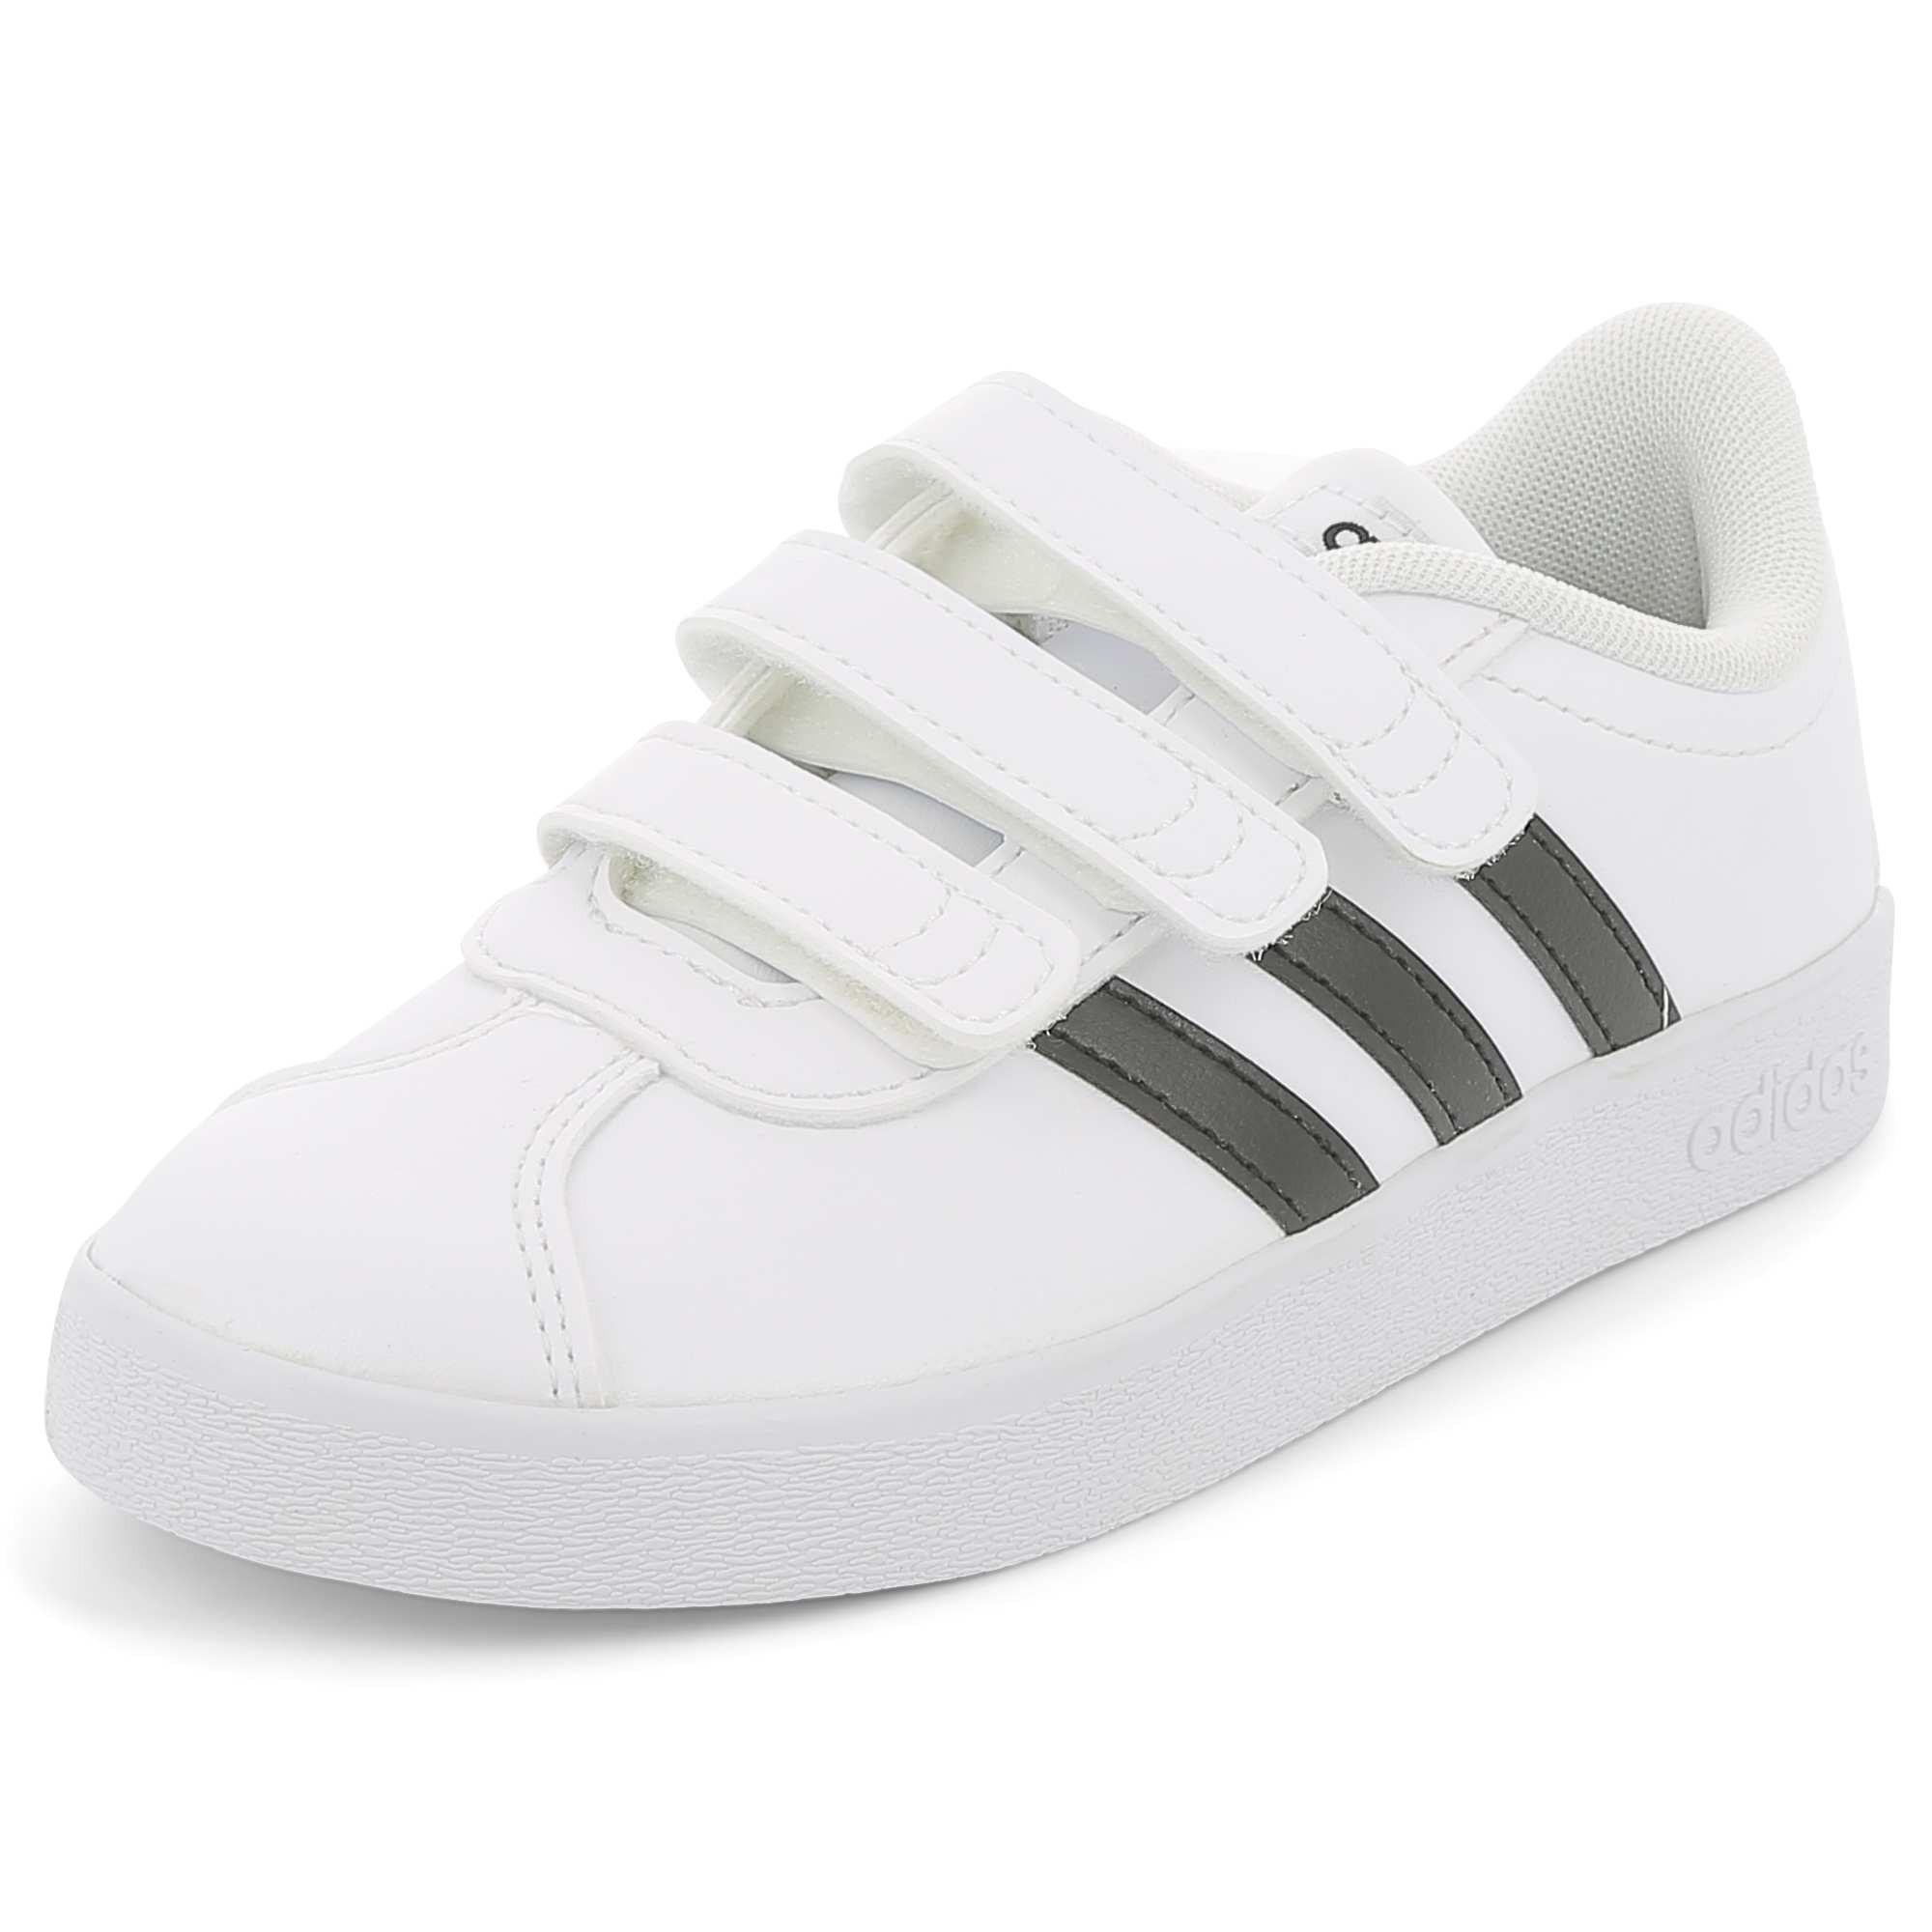 competitive price sleek skate shoes Adidas Basket Adidas Fille Basket Ado XiuOPkZ